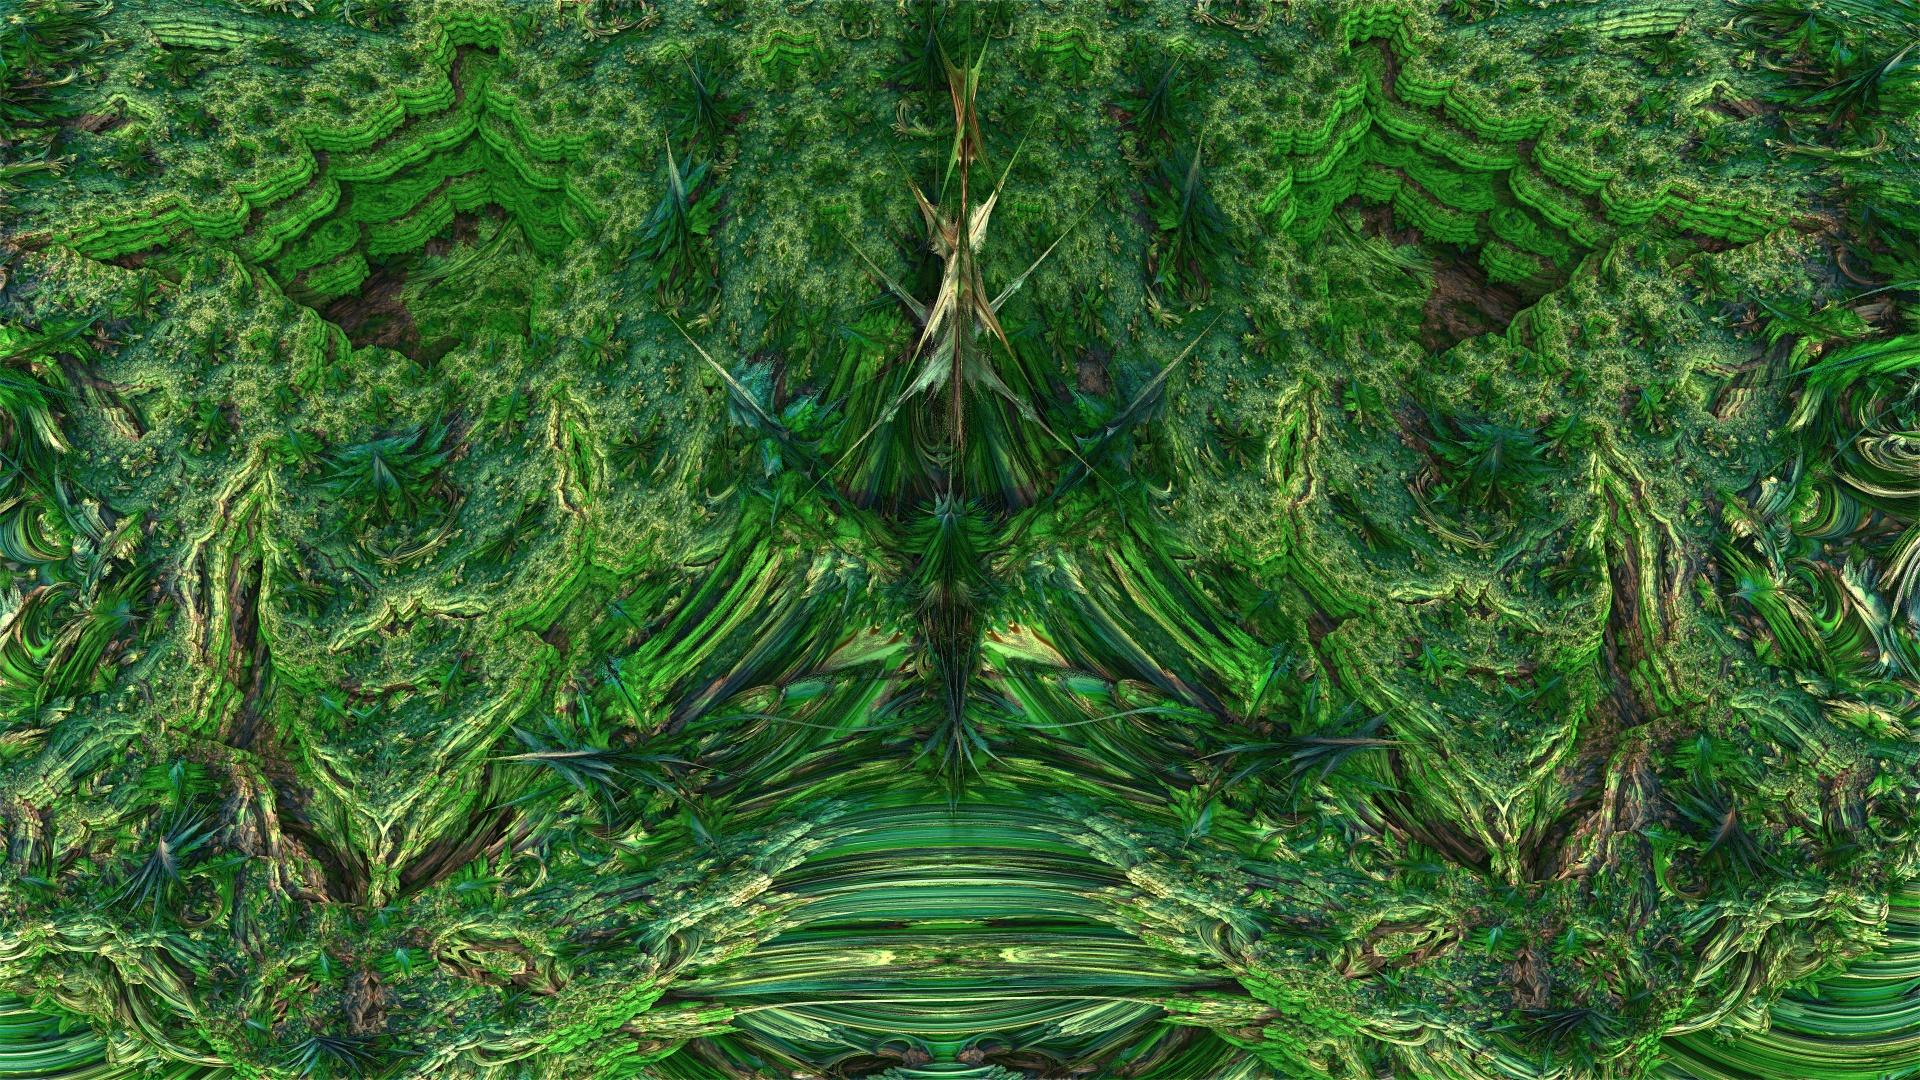 Craked Garden by Topas2012